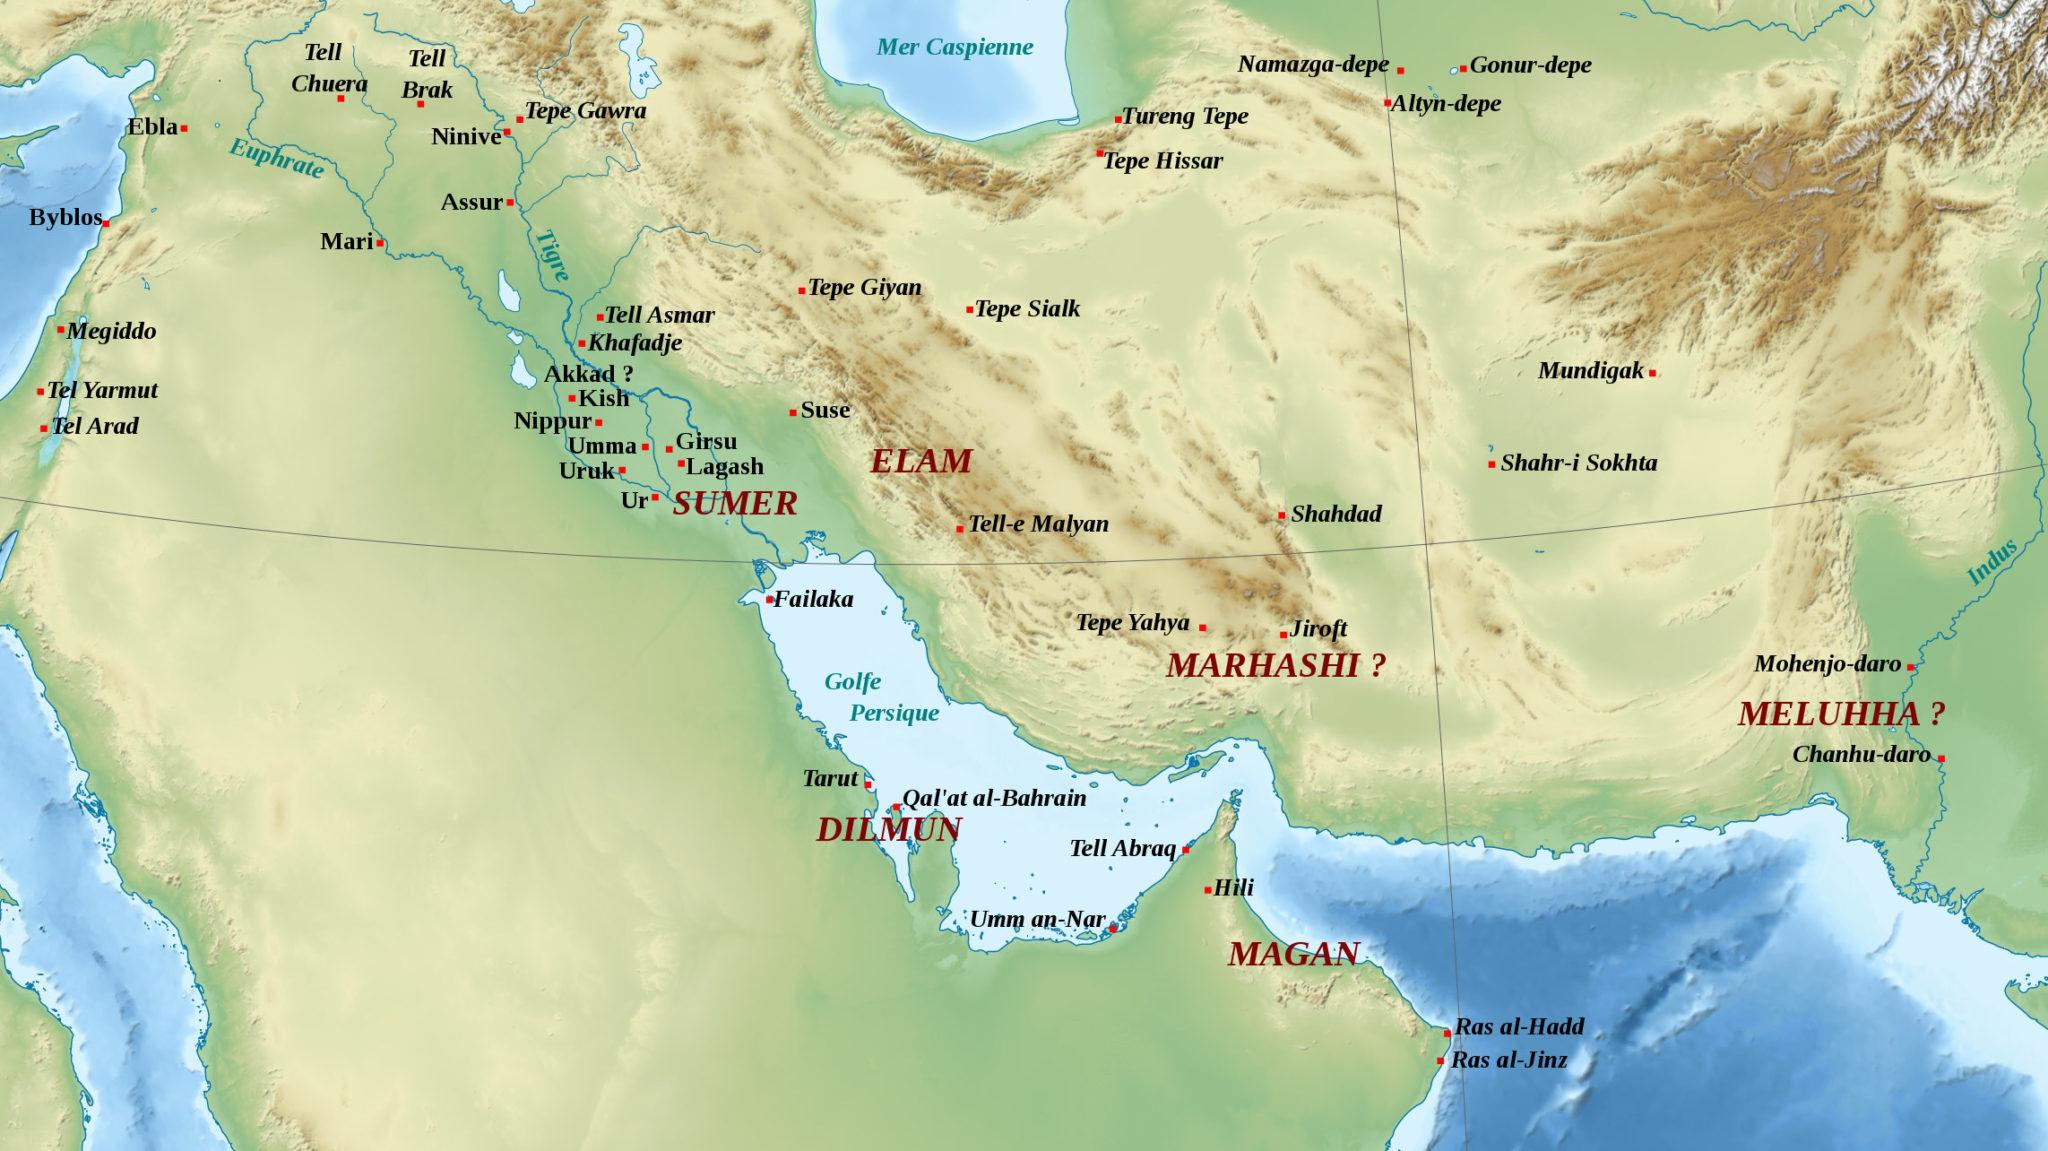 Рис. 1. Ближний Восток во второй половине III тыс. до н. э. Исторические периоды: раннединастический, царство Аккада, период III династии Ура («Википедия»)